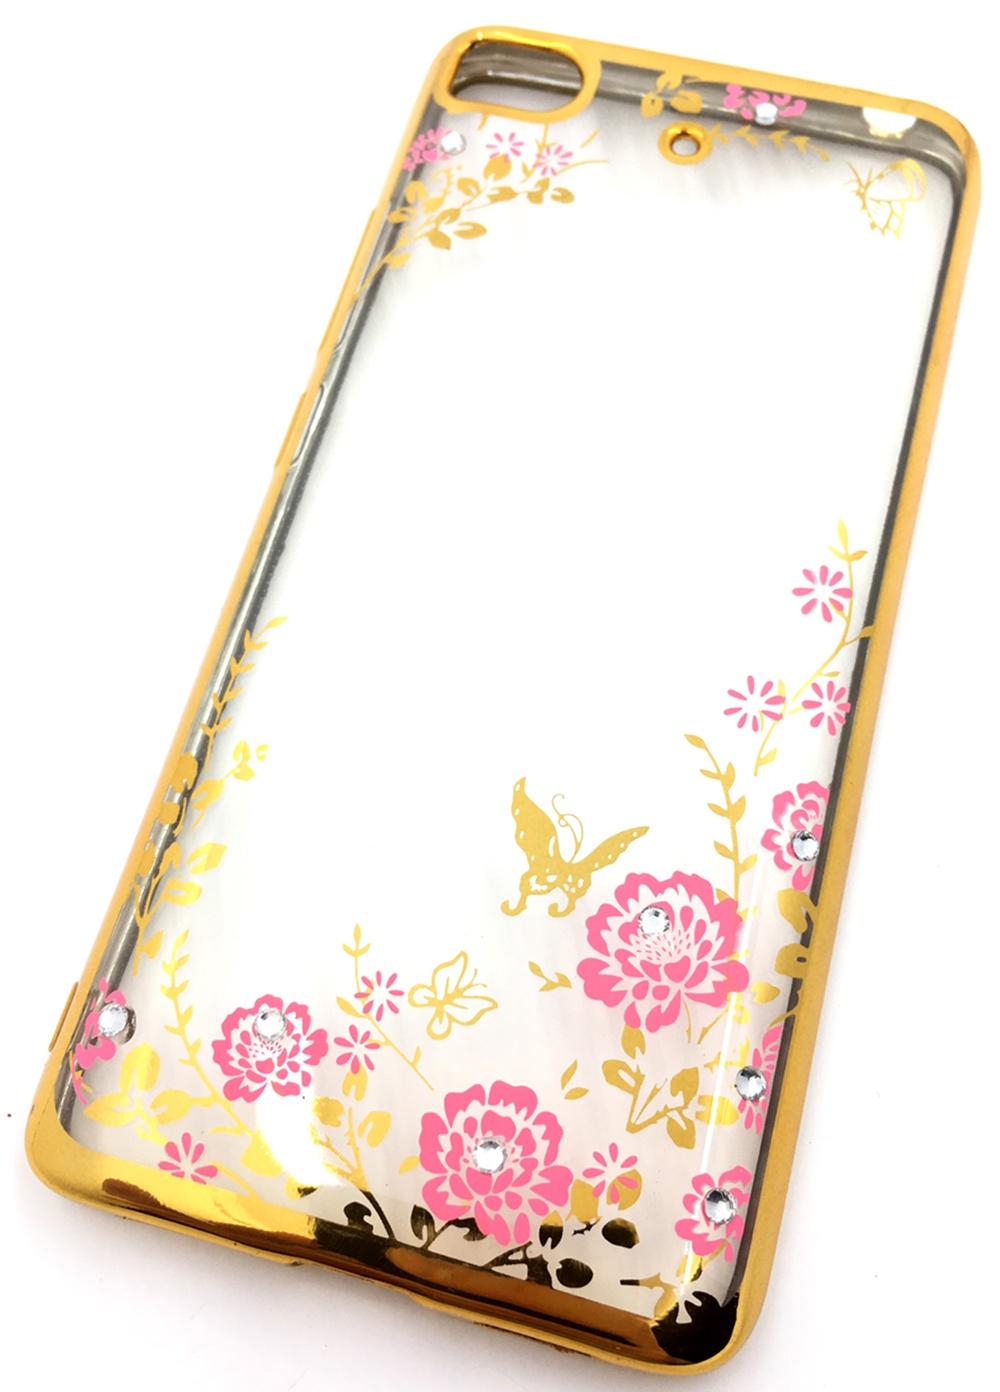 Чехол для сотового телефона Мобильная мода Xiaomi Mi5S Силиконовая, прозрачная накладка со стразами, золотой чехол для сотового телефона мобильная мода meizu pro 6 силиконовая прозрачная накладка со стразами 6371g золотой